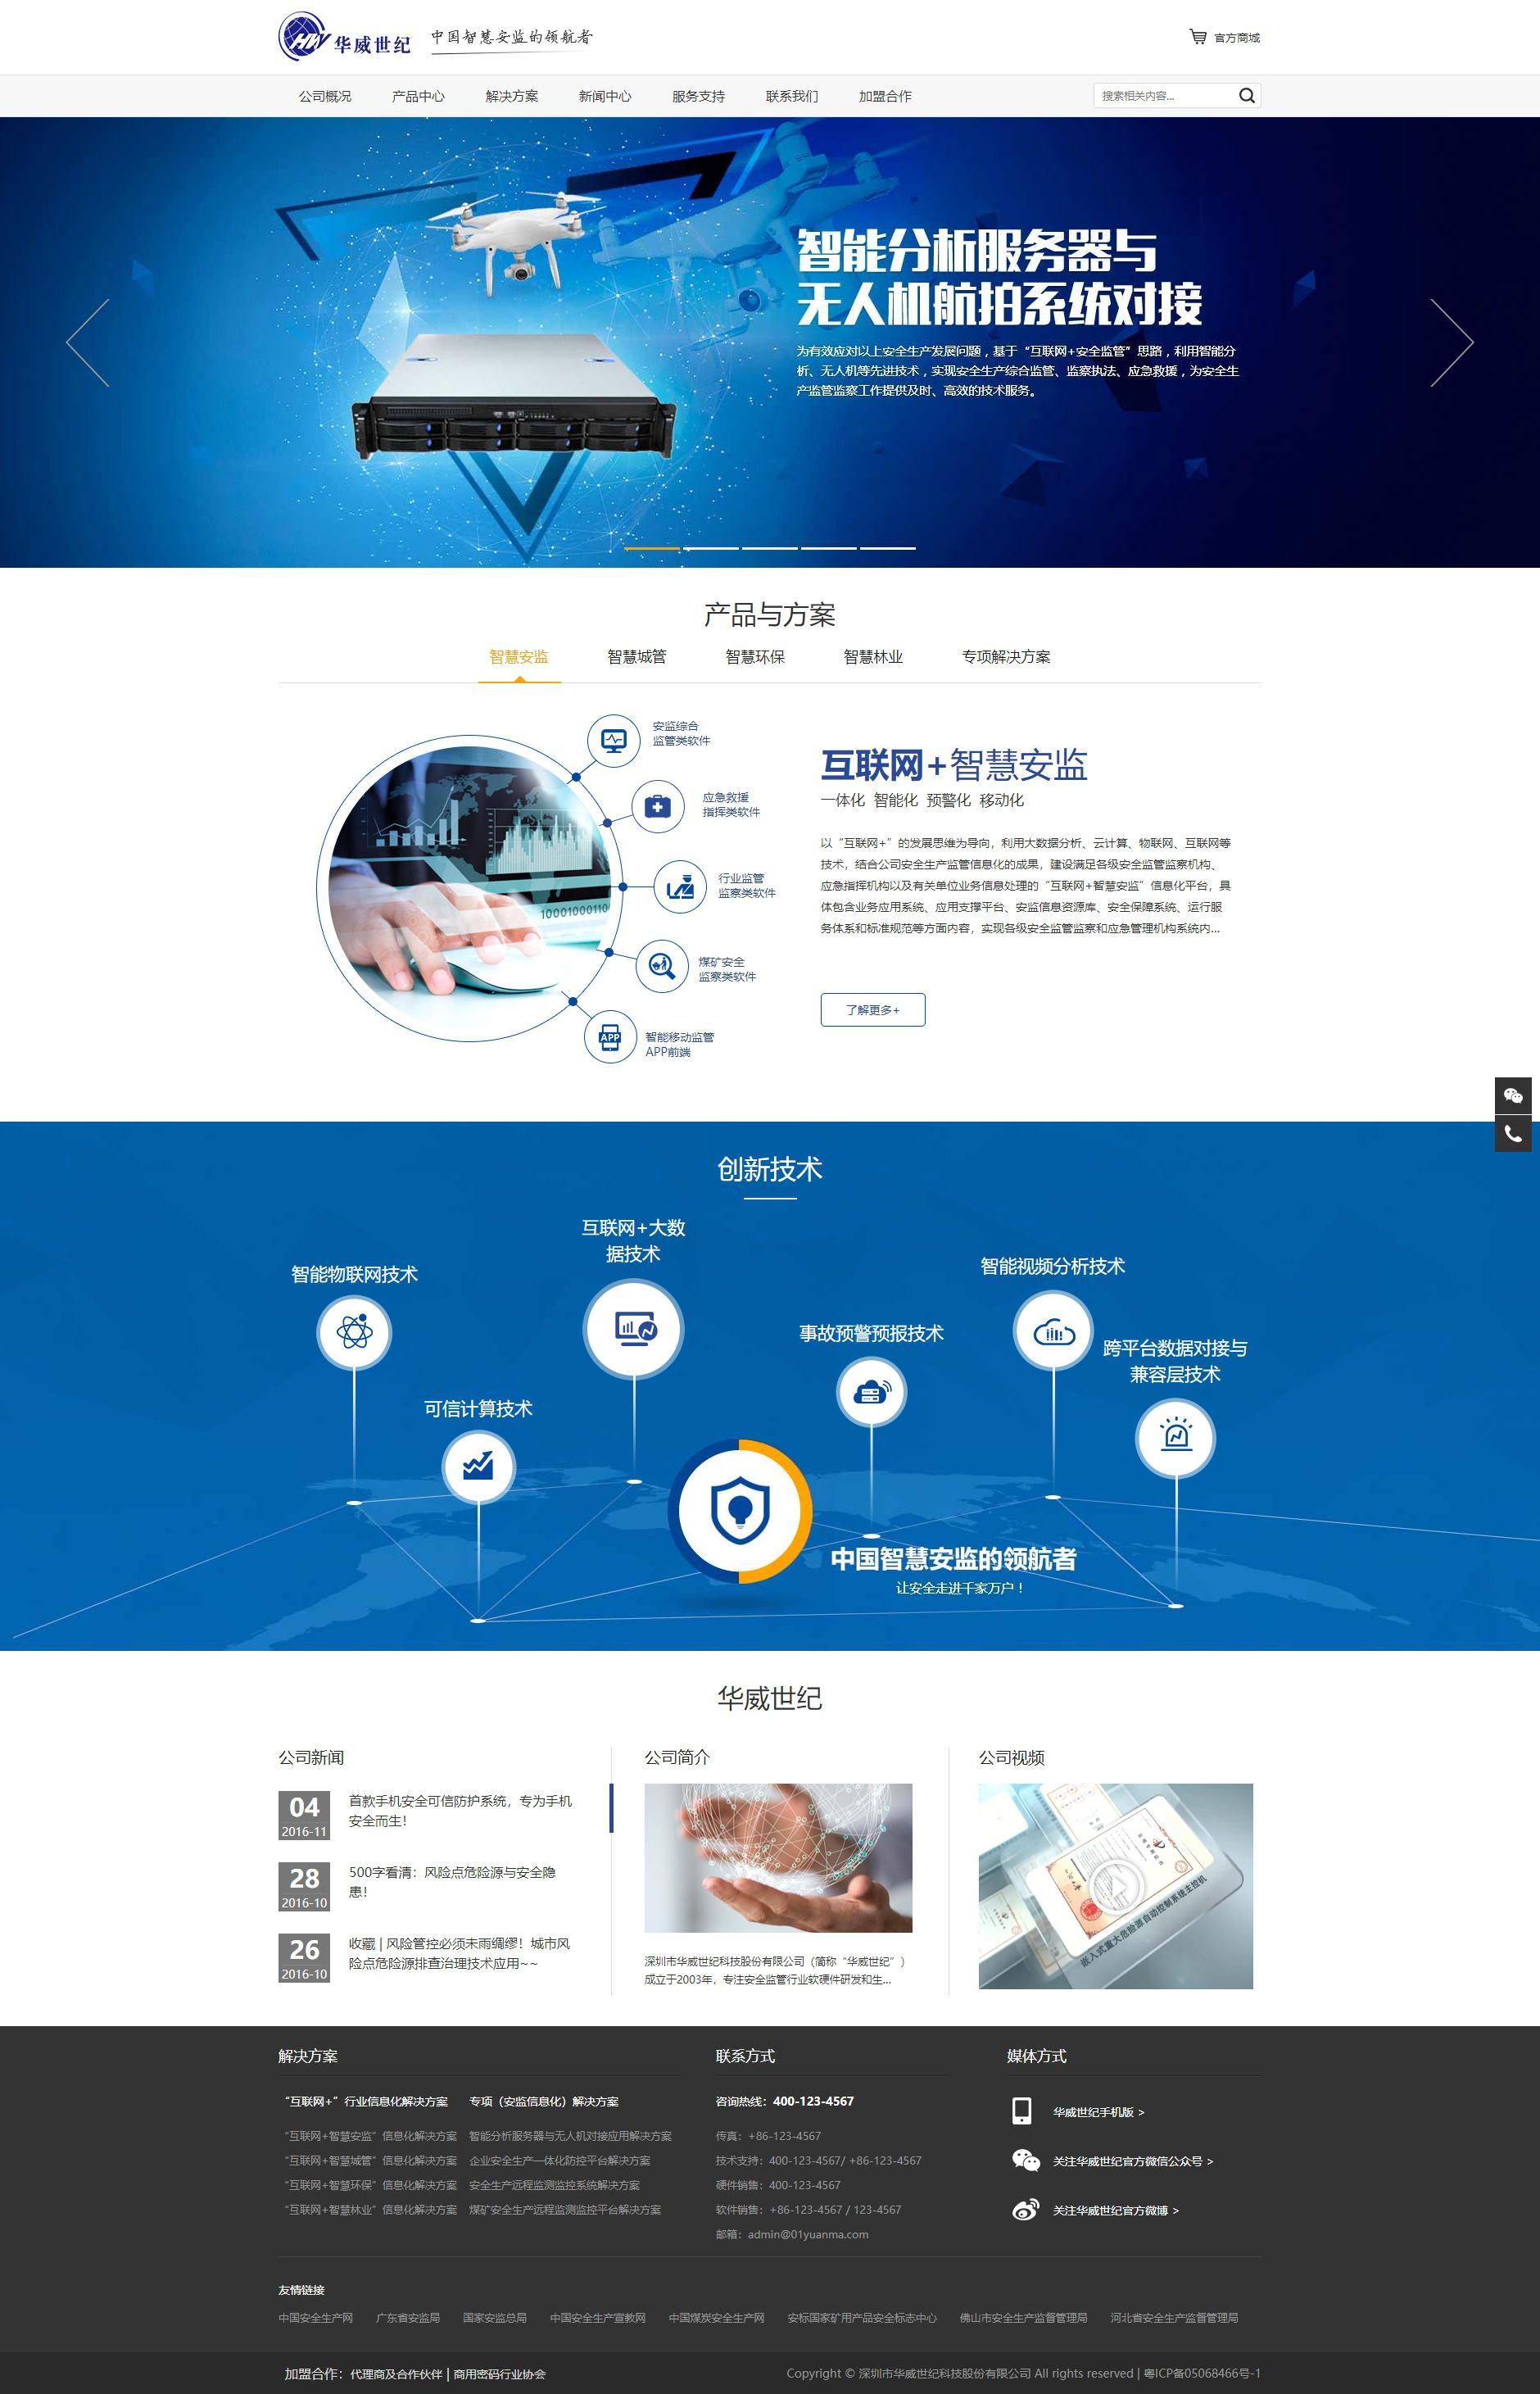 蓝色的安监系统服务公司网站html模板